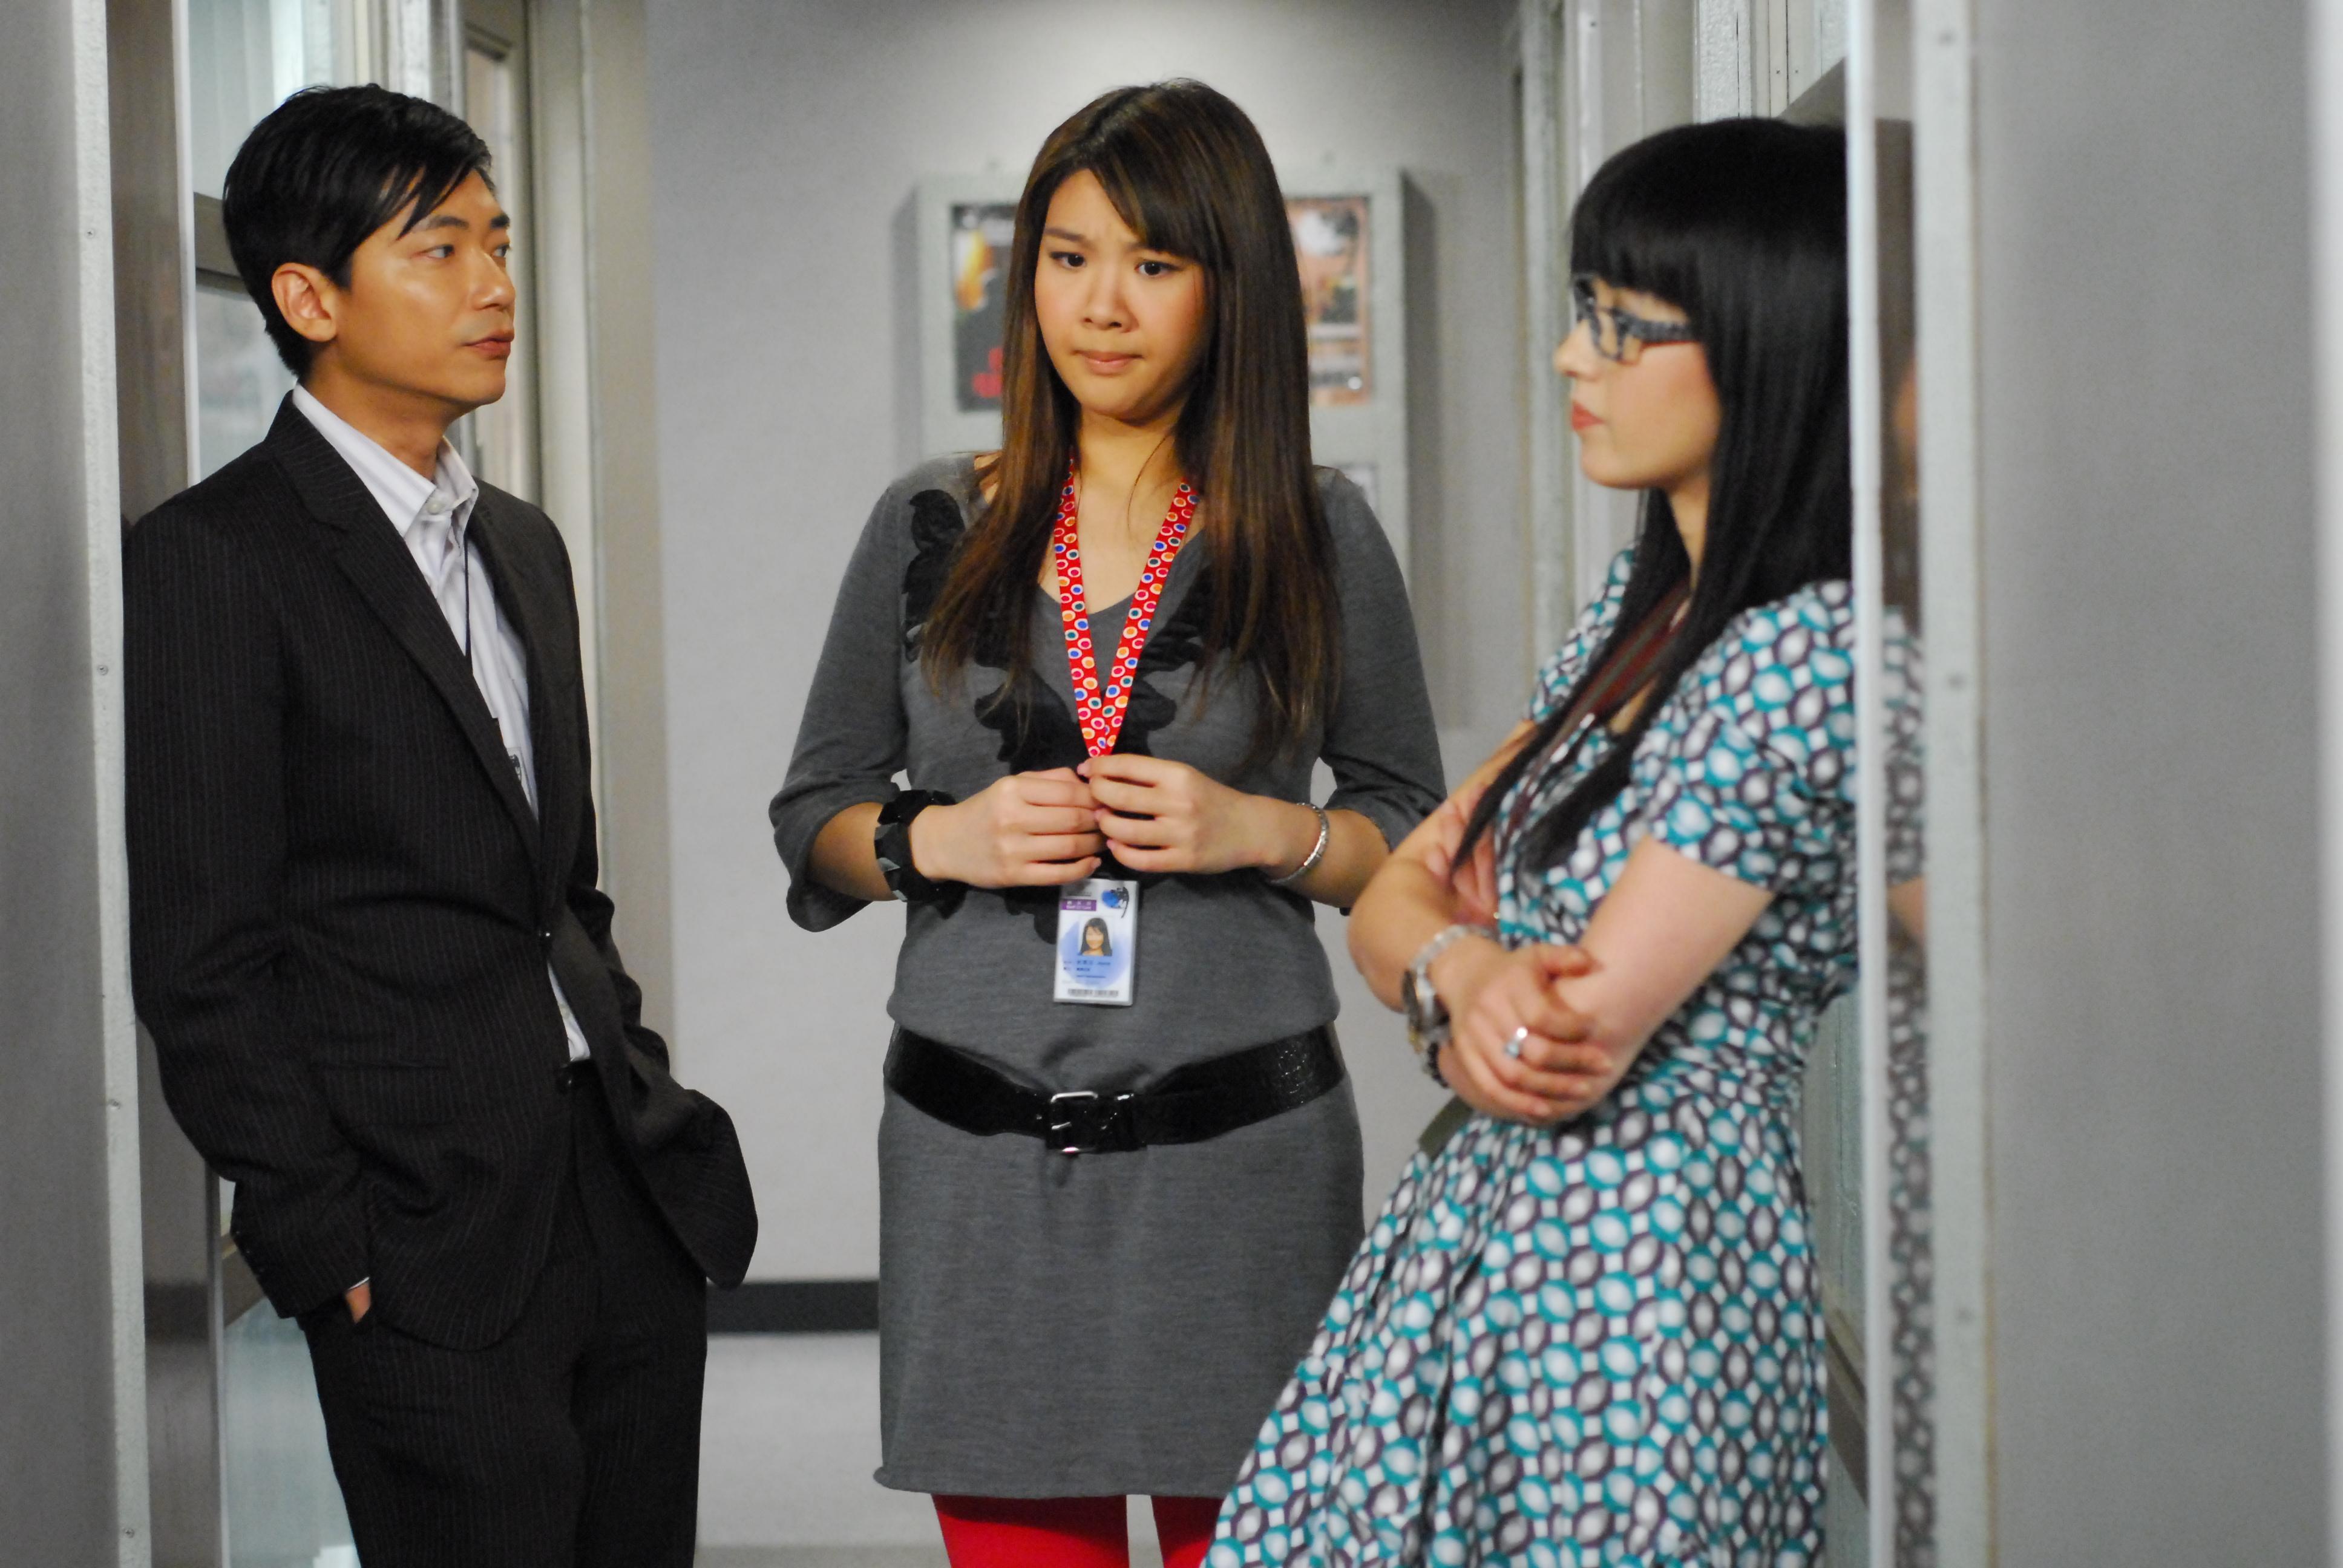 在《畢打自己人》人中的趙永洪,扮演Marco令觀眾熟悉,而同劇還有欣宜及江欣燕等。